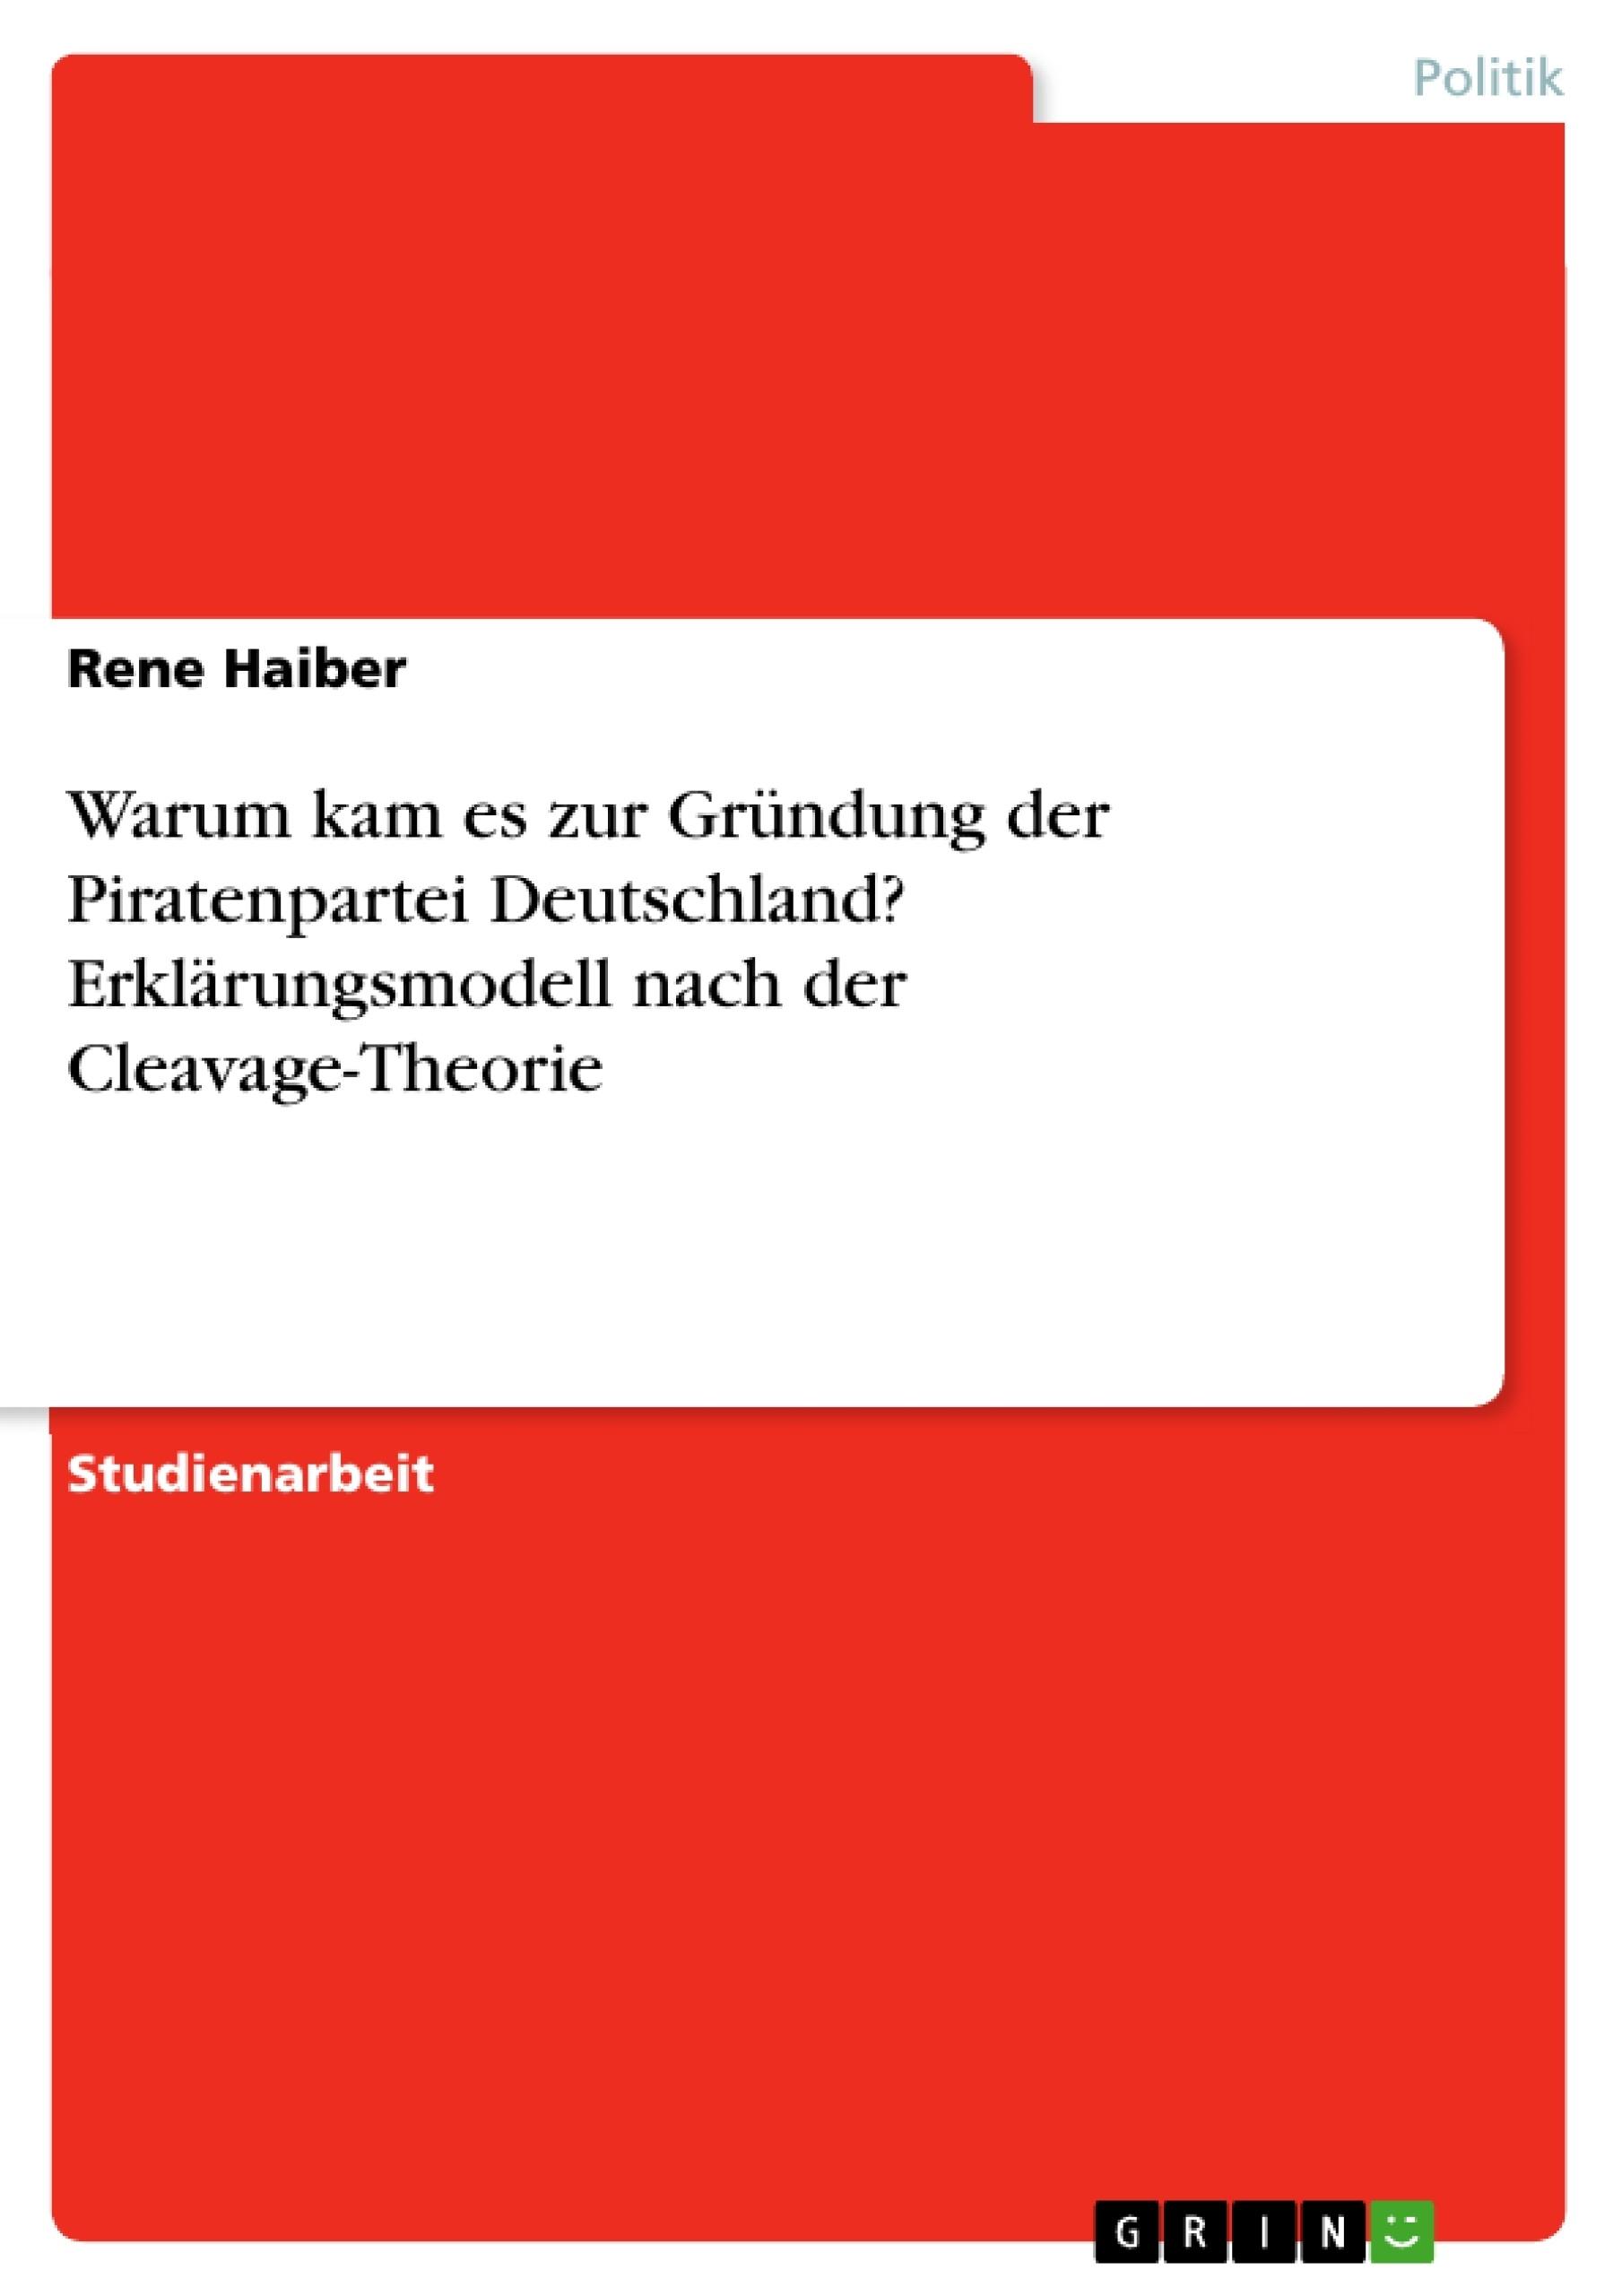 Titel: Warum kam es zur Gründung der Piratenpartei Deutschland? Erklärungsmodell nach der Cleavage-Theorie